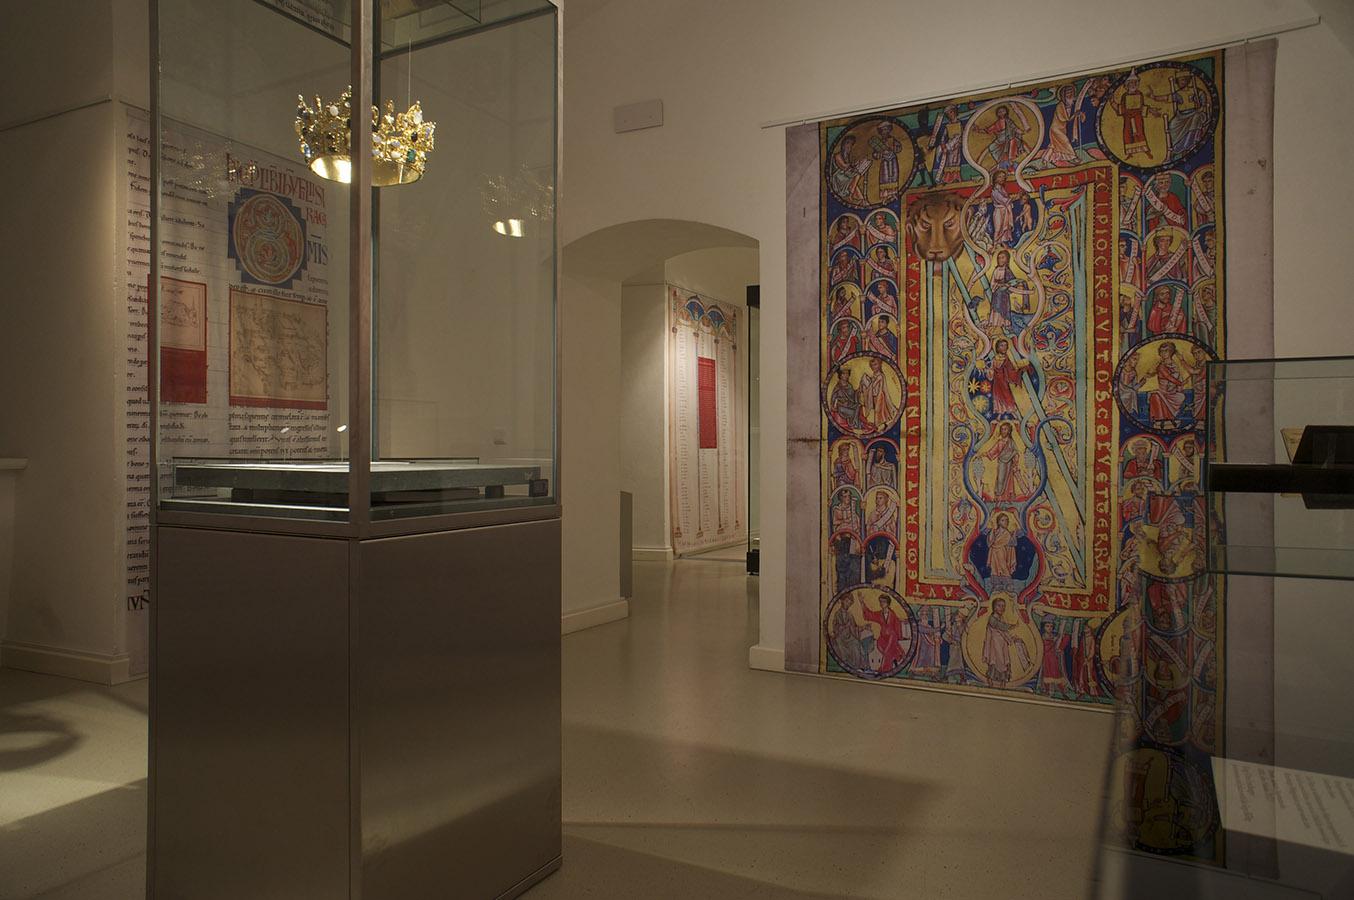 150809 1356 Schloss Raum 3 website